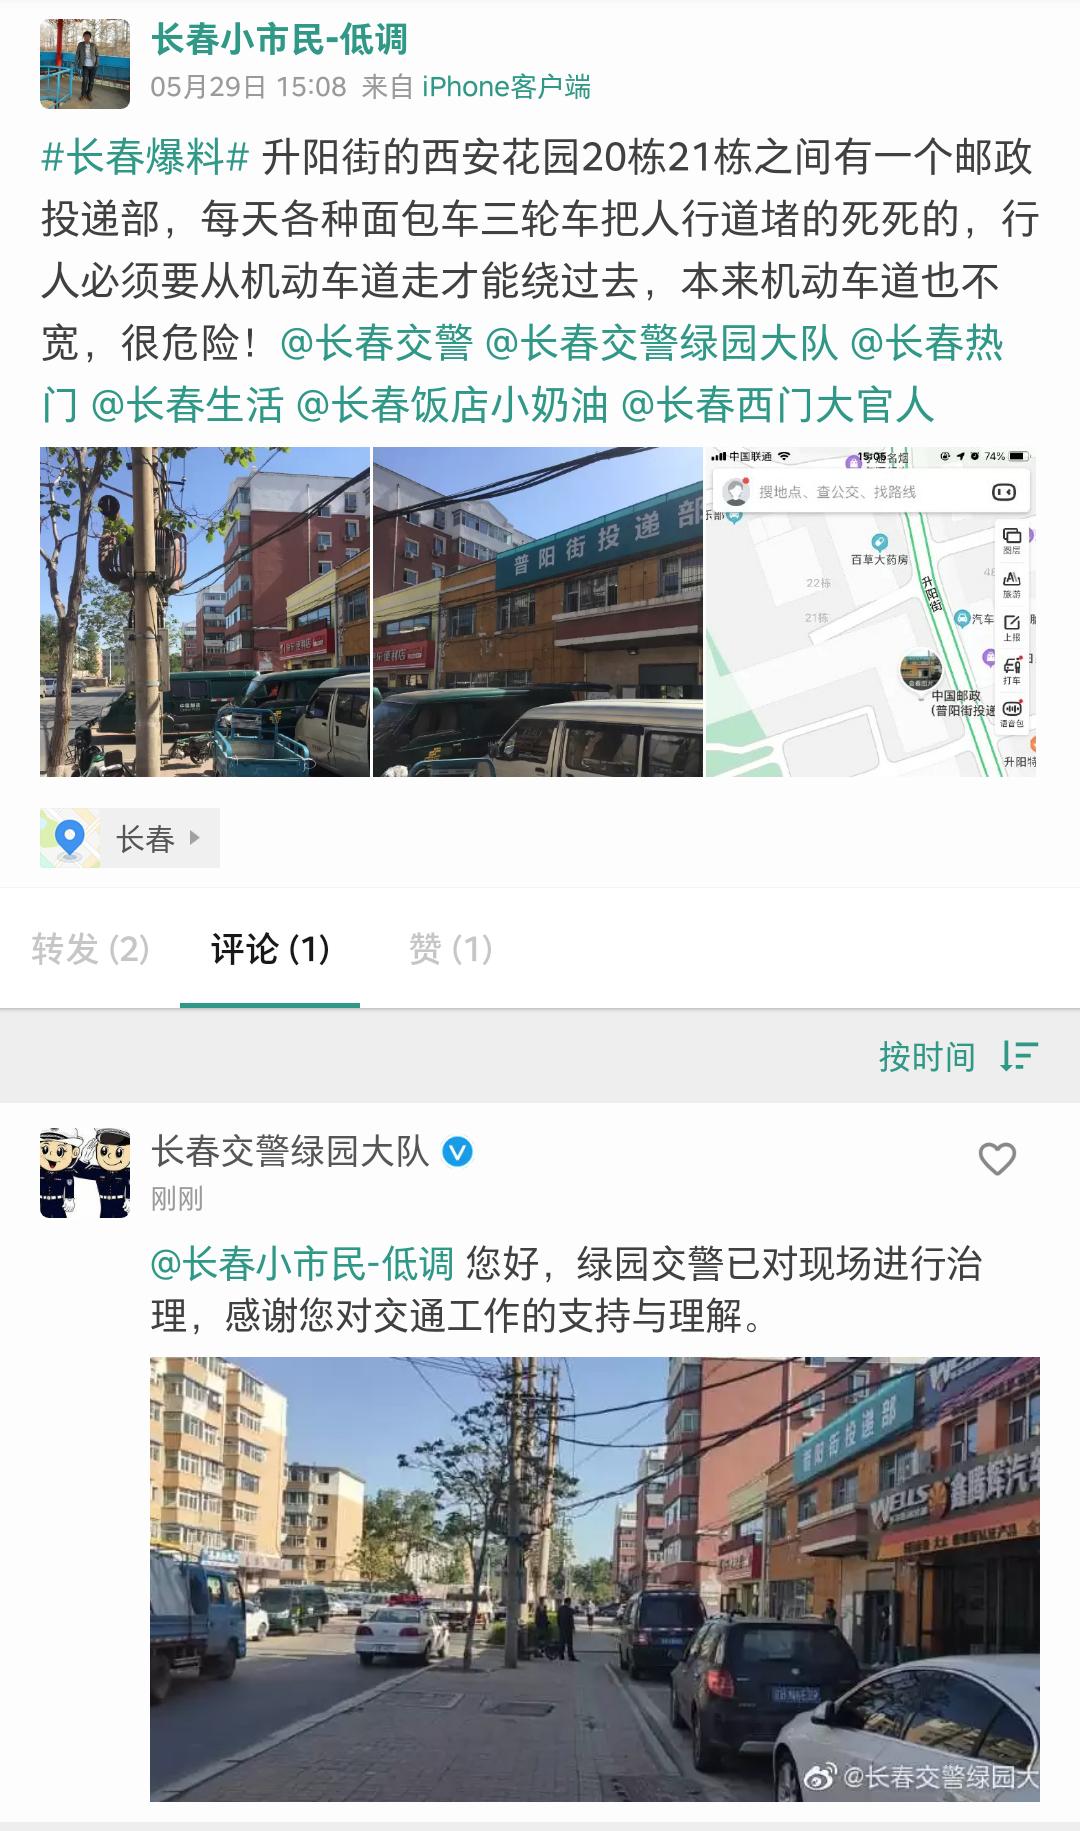 升阳街的西安花园20栋21栋邮政占道后续